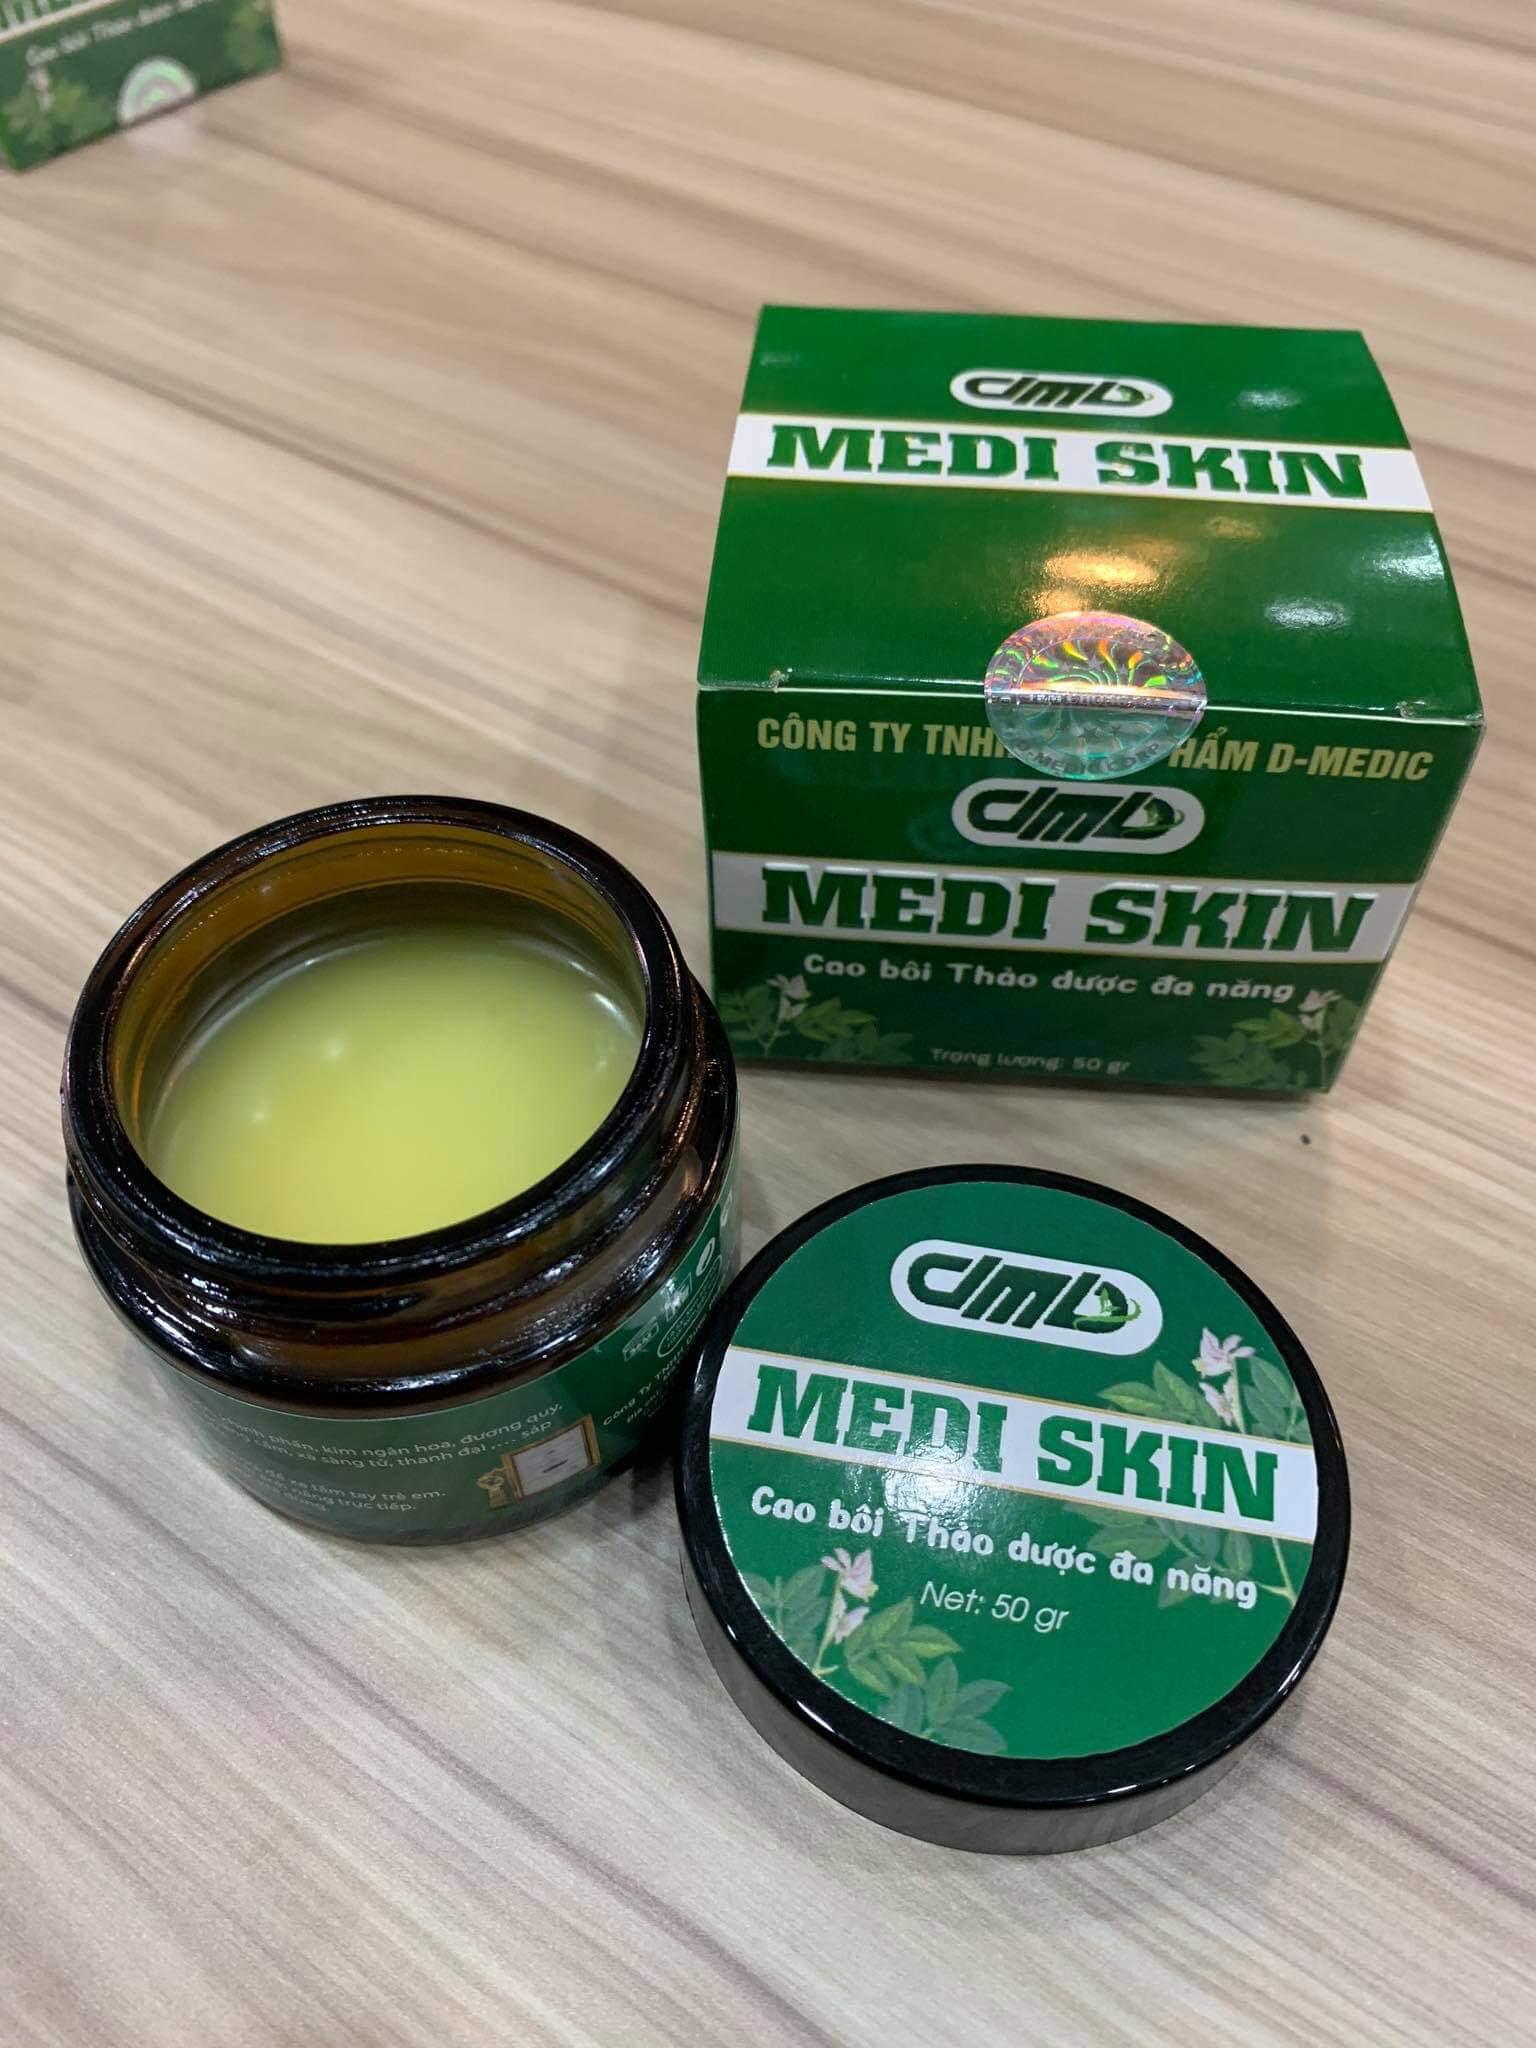 Cao bôi Medi Skin